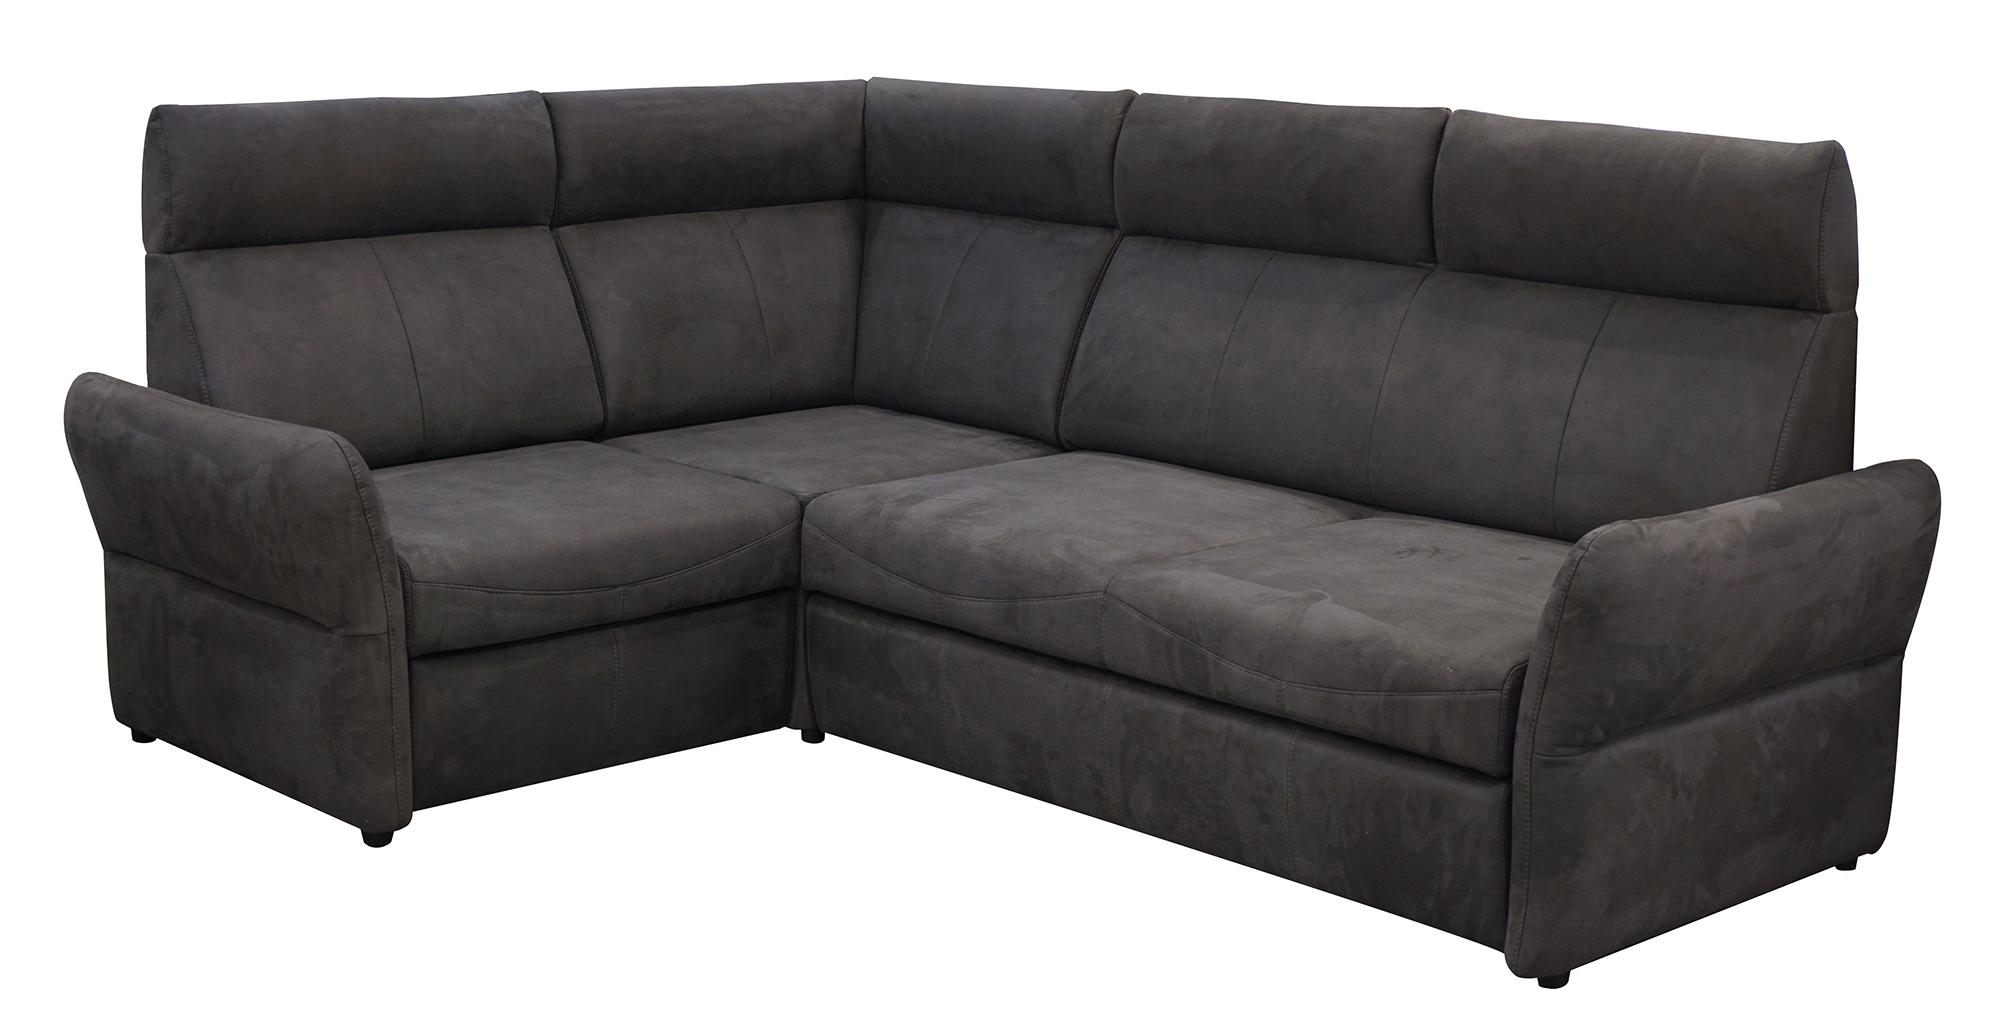 купить угловой диван мягкий уголок в беларуси в интеренет магазине с